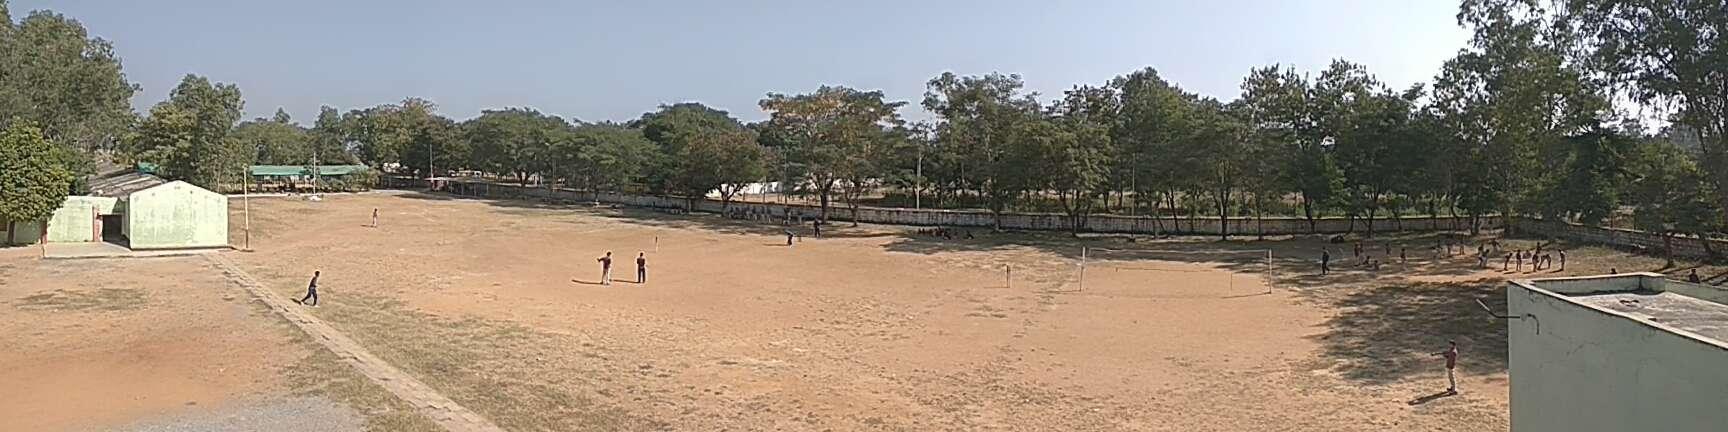 DAV CENTENARY PUBLIC SCHOOL KUTESHWAR PO BARHI BSL DISTT KATNI VIA BARHI MADHYA PRADESH 1030035